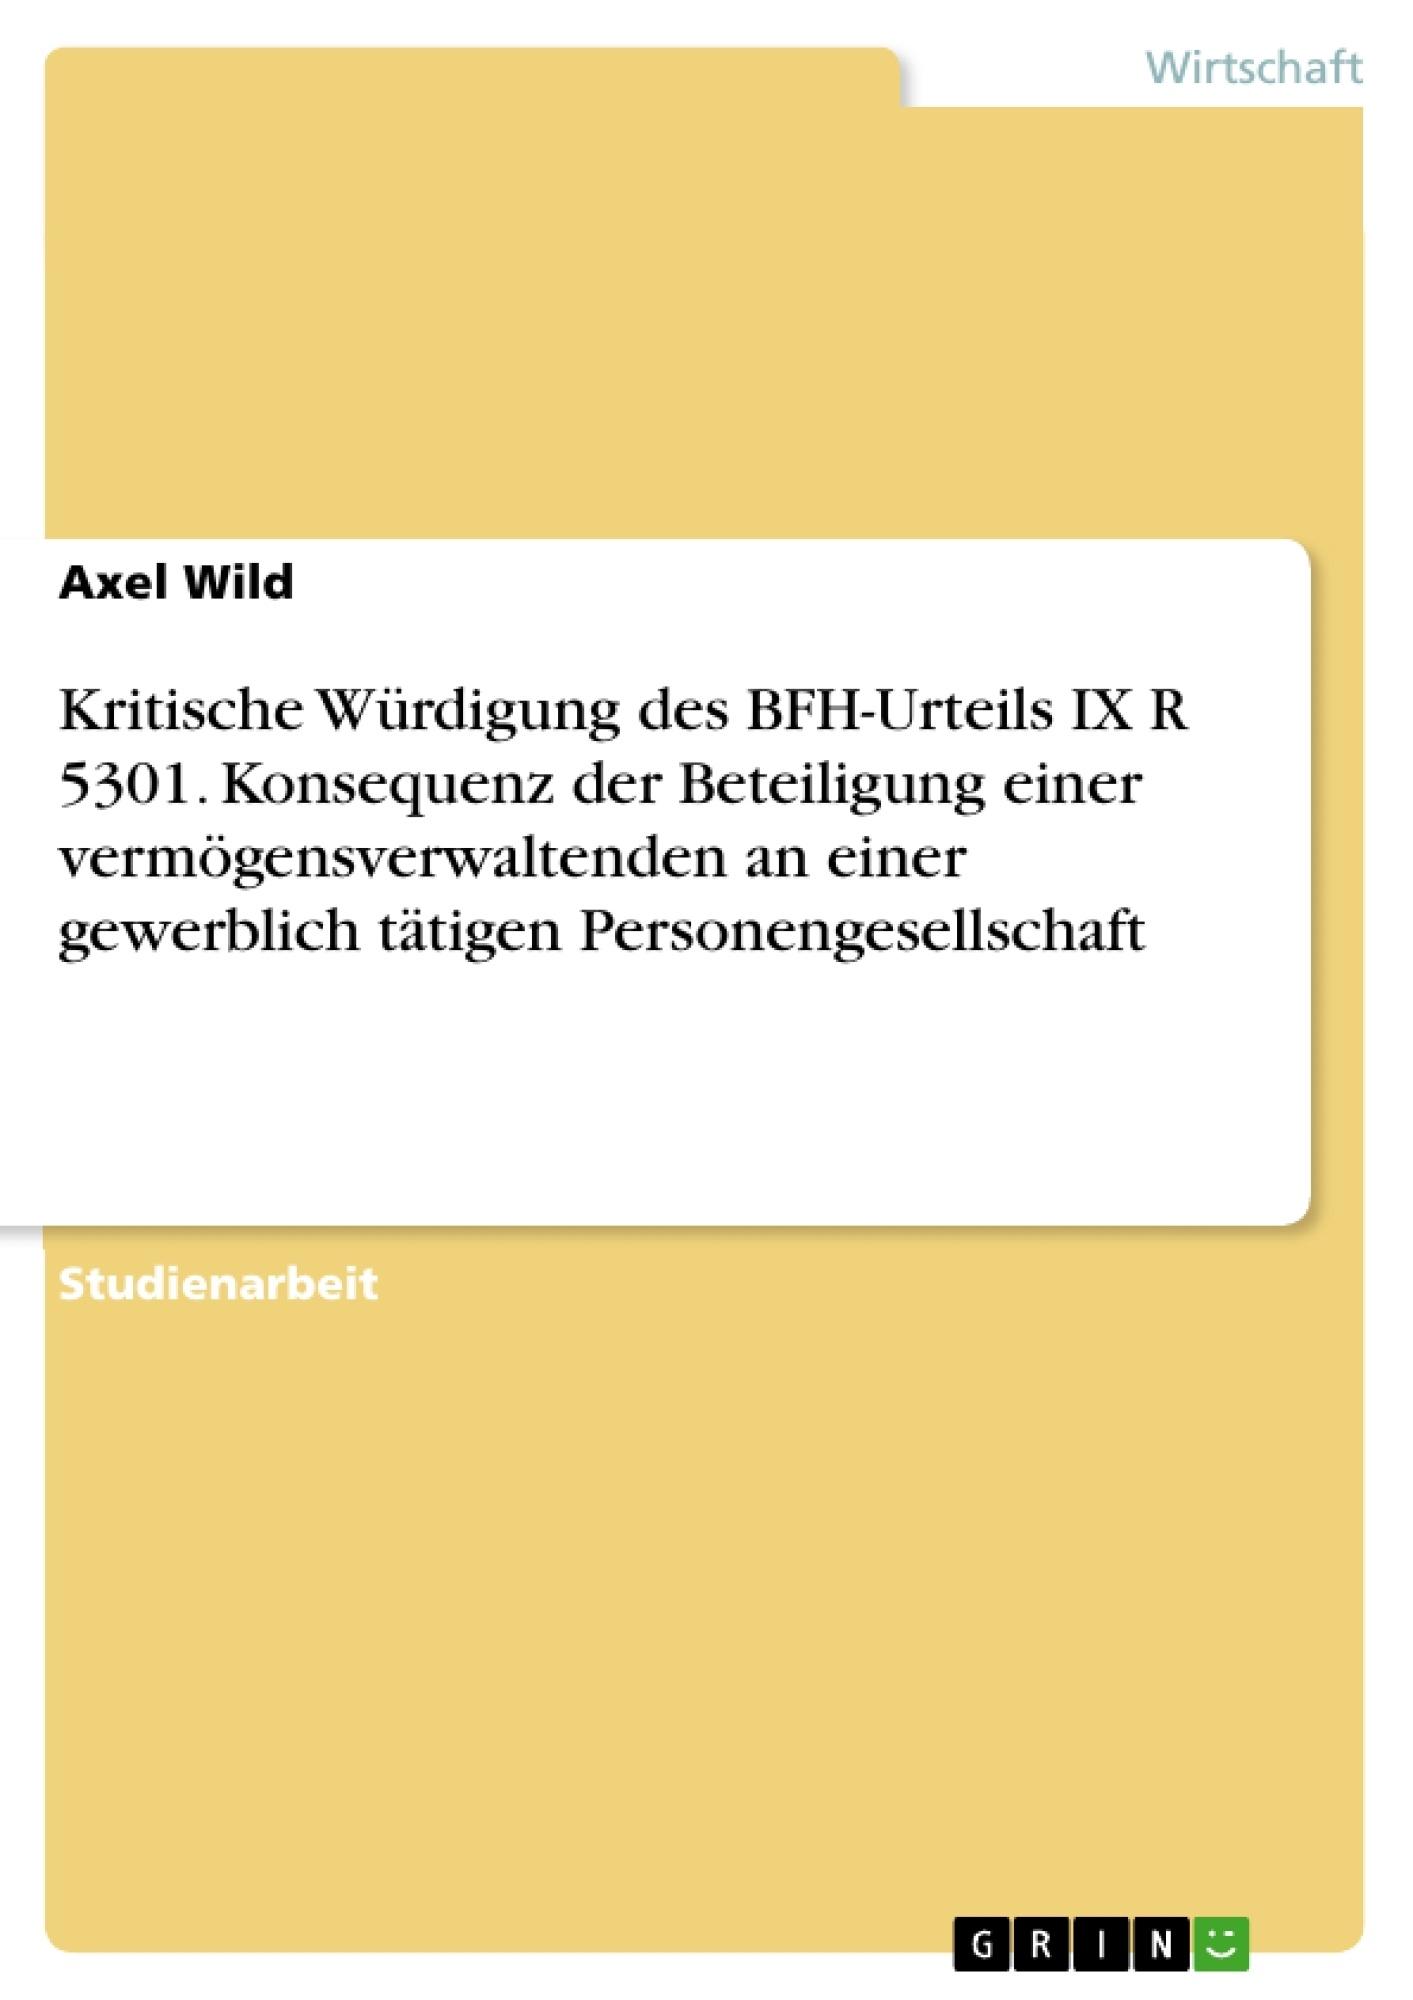 Titel: Kritische Würdigung des BFH-Urteils IX R 5301. Konsequenz der Beteiligung einer vermögensverwaltenden an einer gewerblich tätigen Personengesellschaft